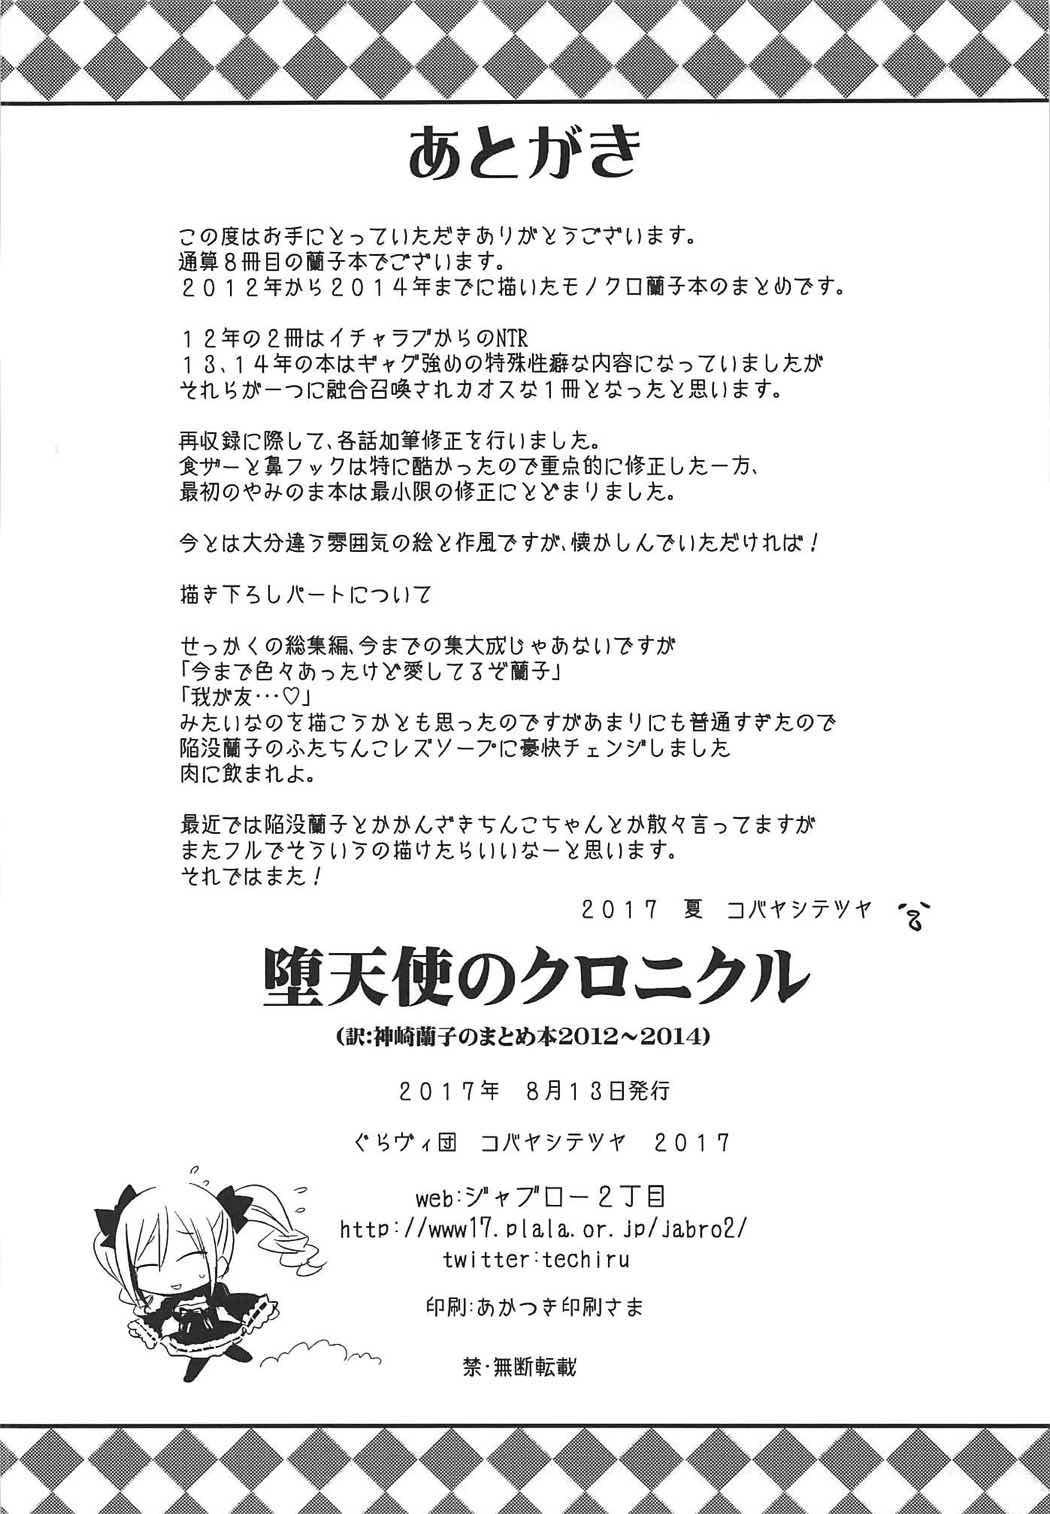 Datenshi no Chronicle 84